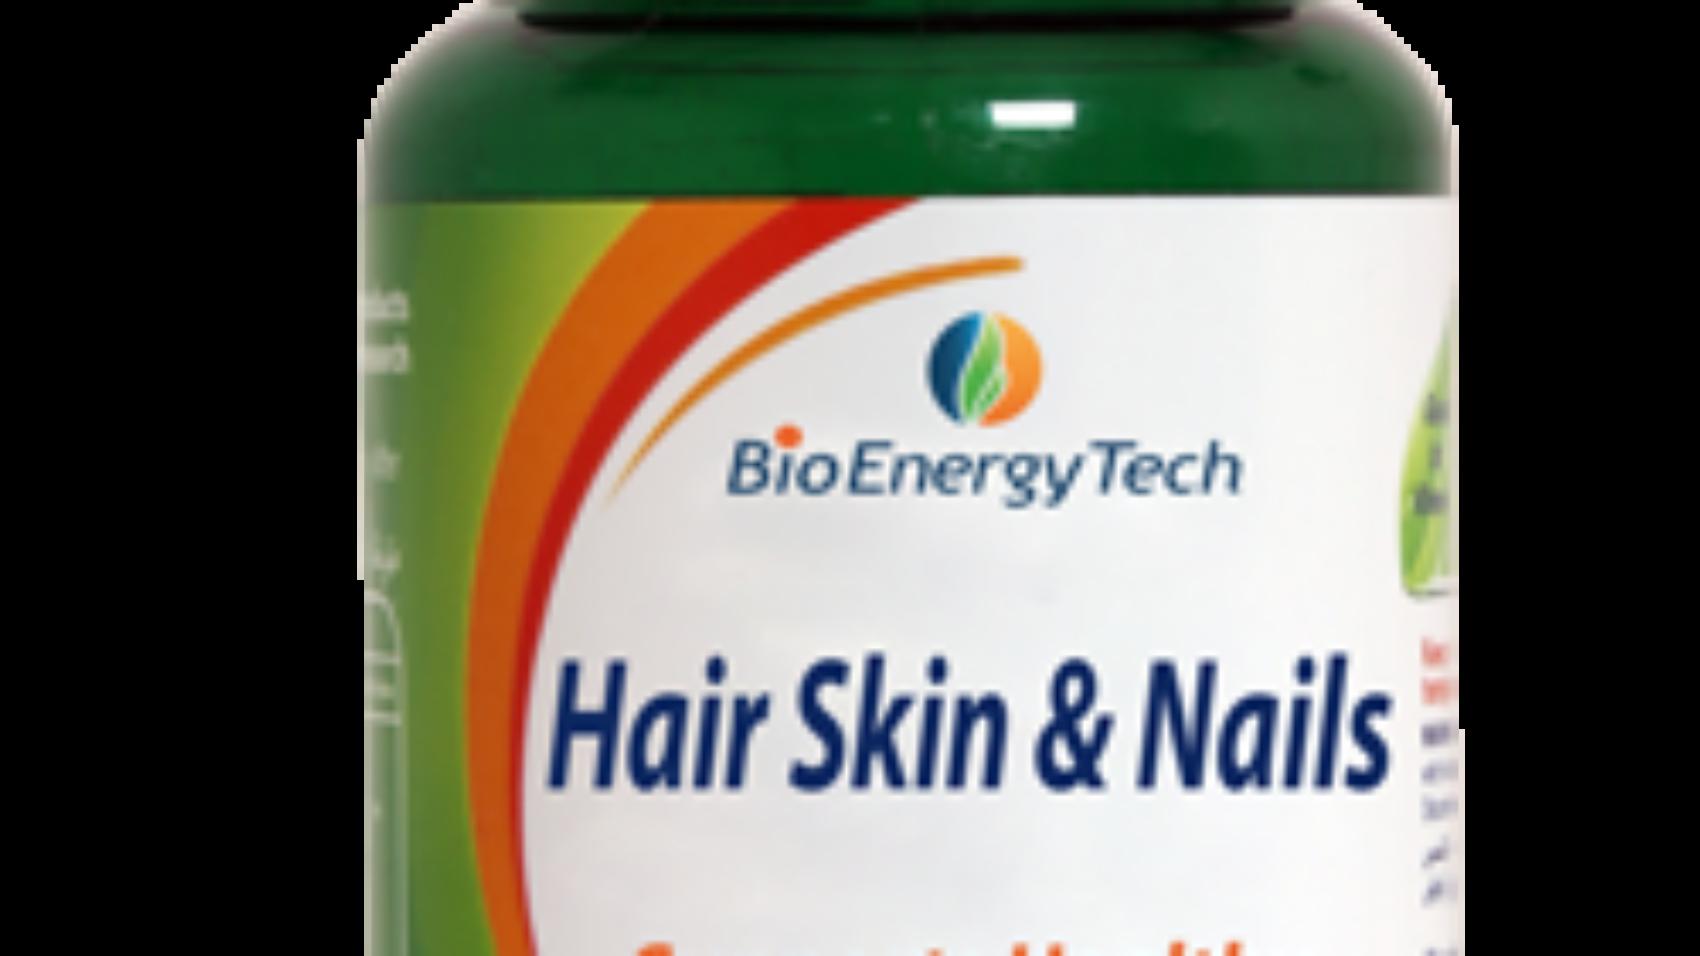 Hair,-Skin-&-NAils